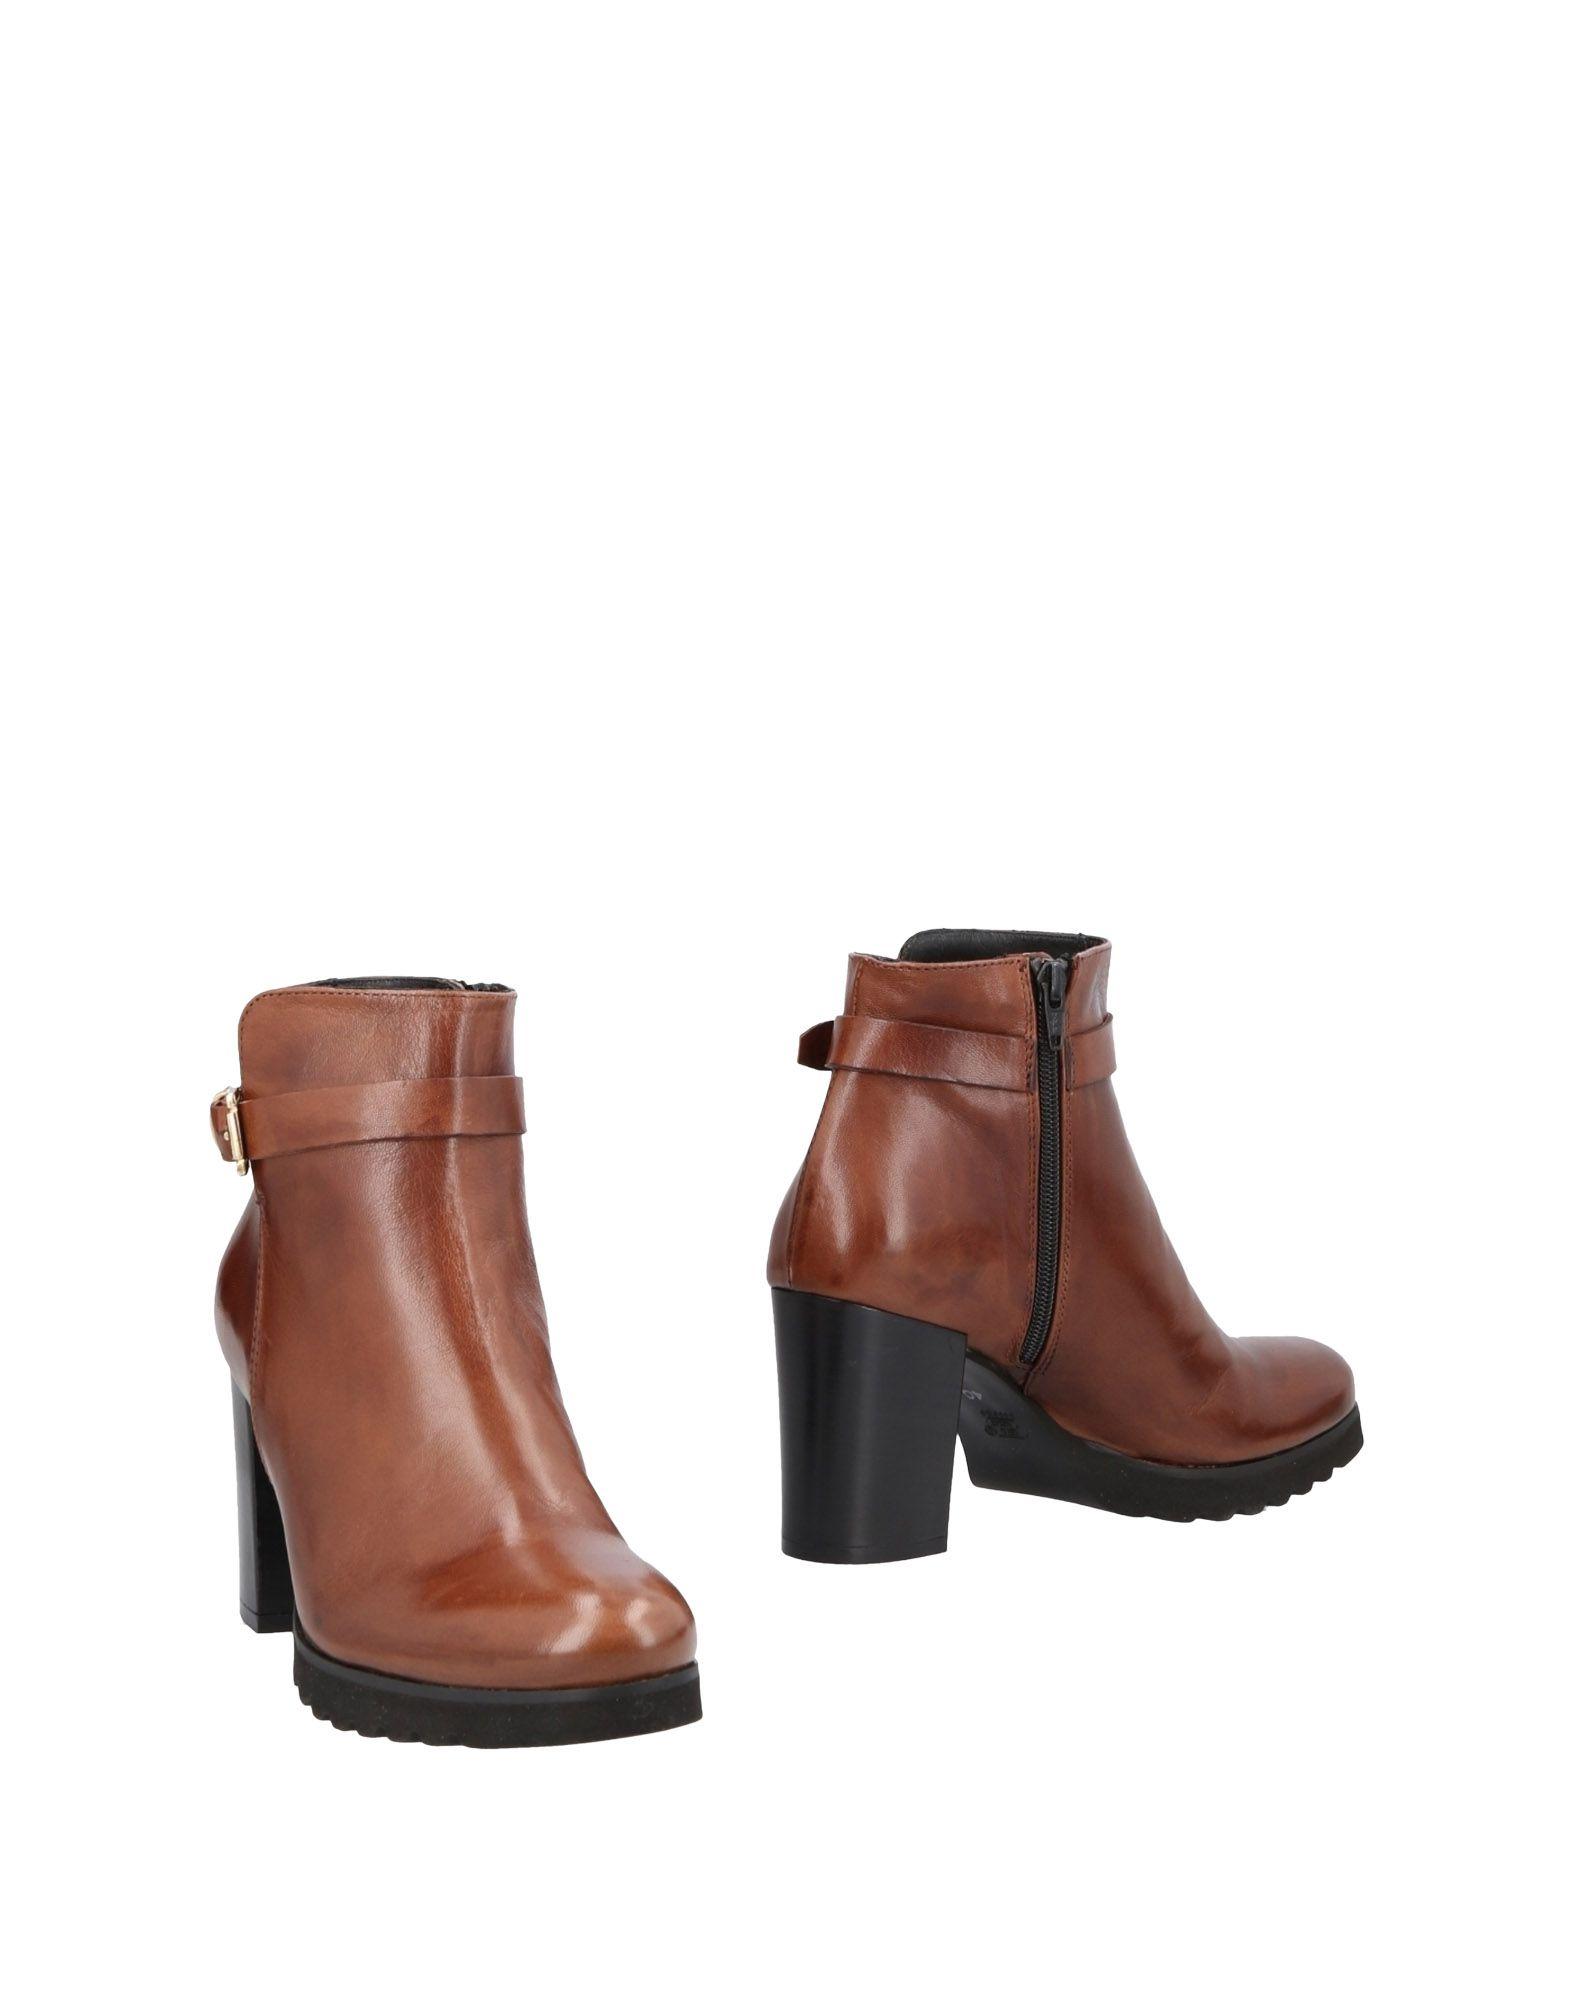 Cuoieria Stiefelette Damen  11487102FF beliebte Gute Qualität beliebte 11487102FF Schuhe 57bb96